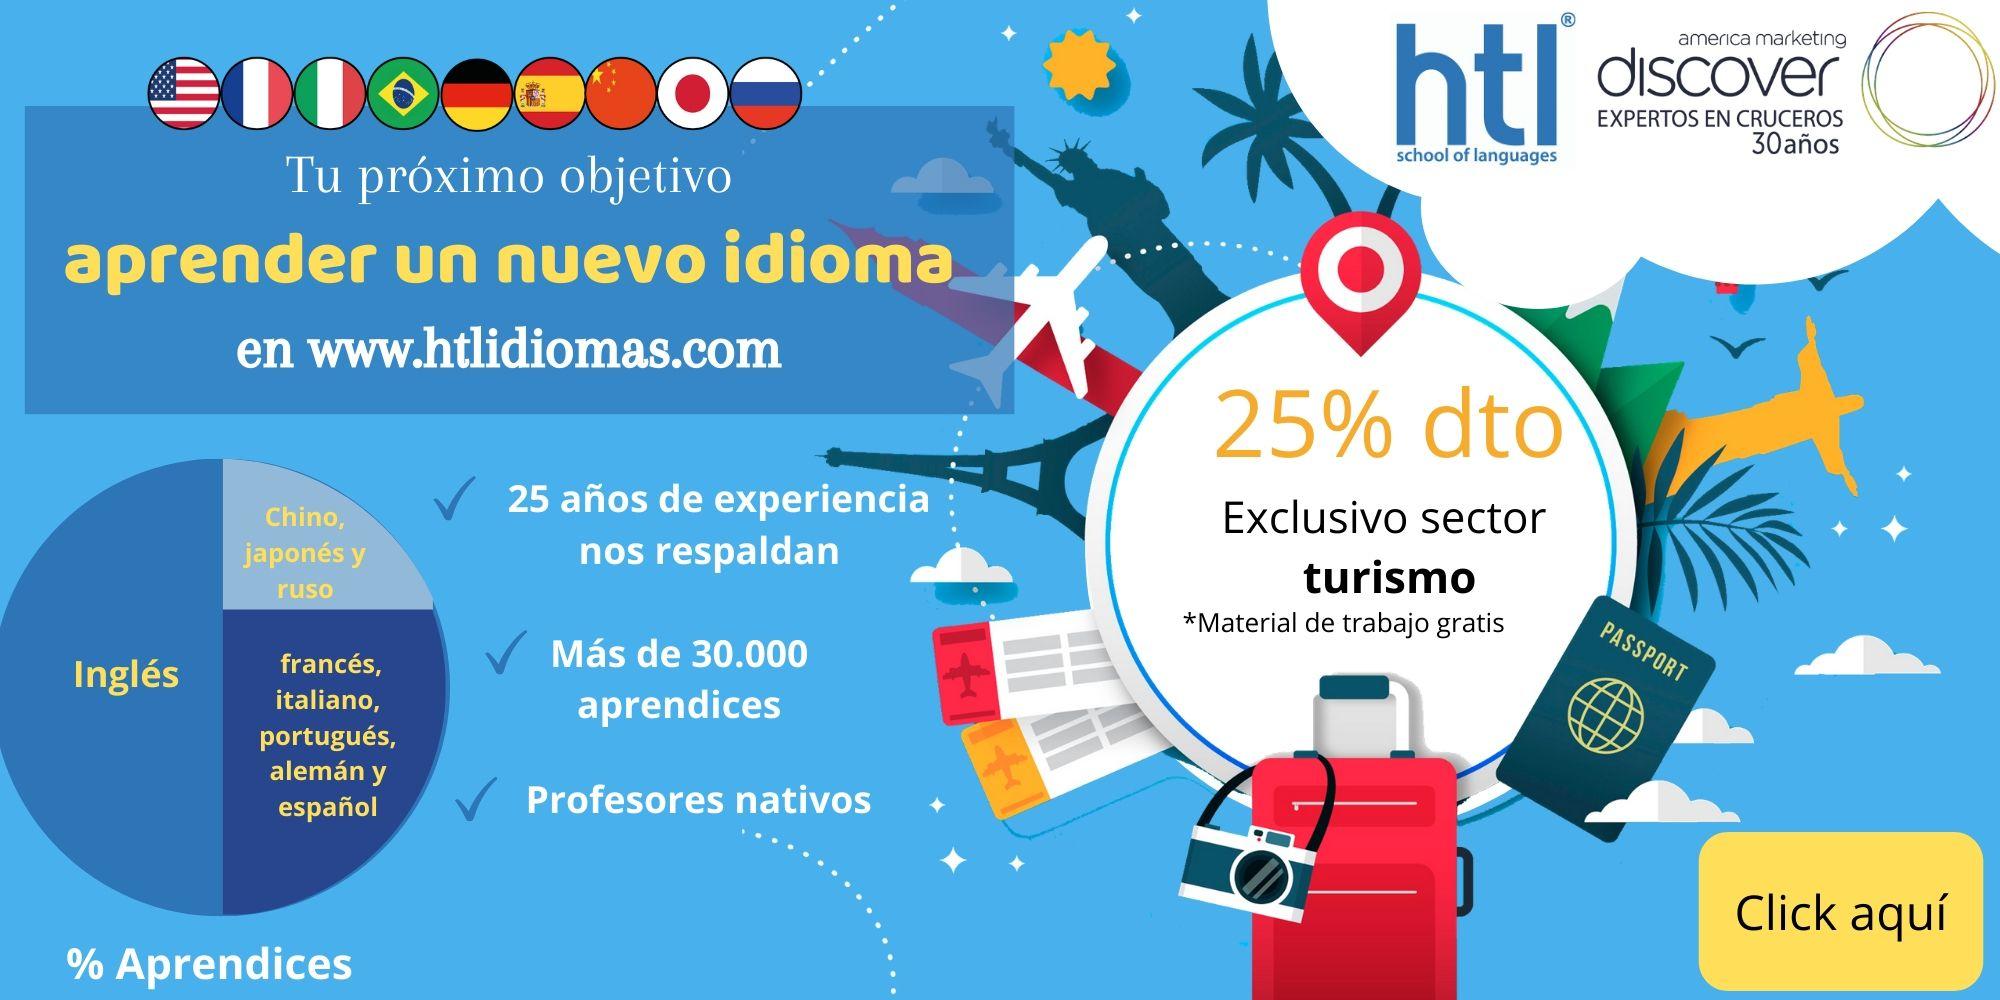 Convenio curceros, Curso de idiomas para viajar, Curso de idiomas para conocer el mundo, Curso de idiomas viajes.